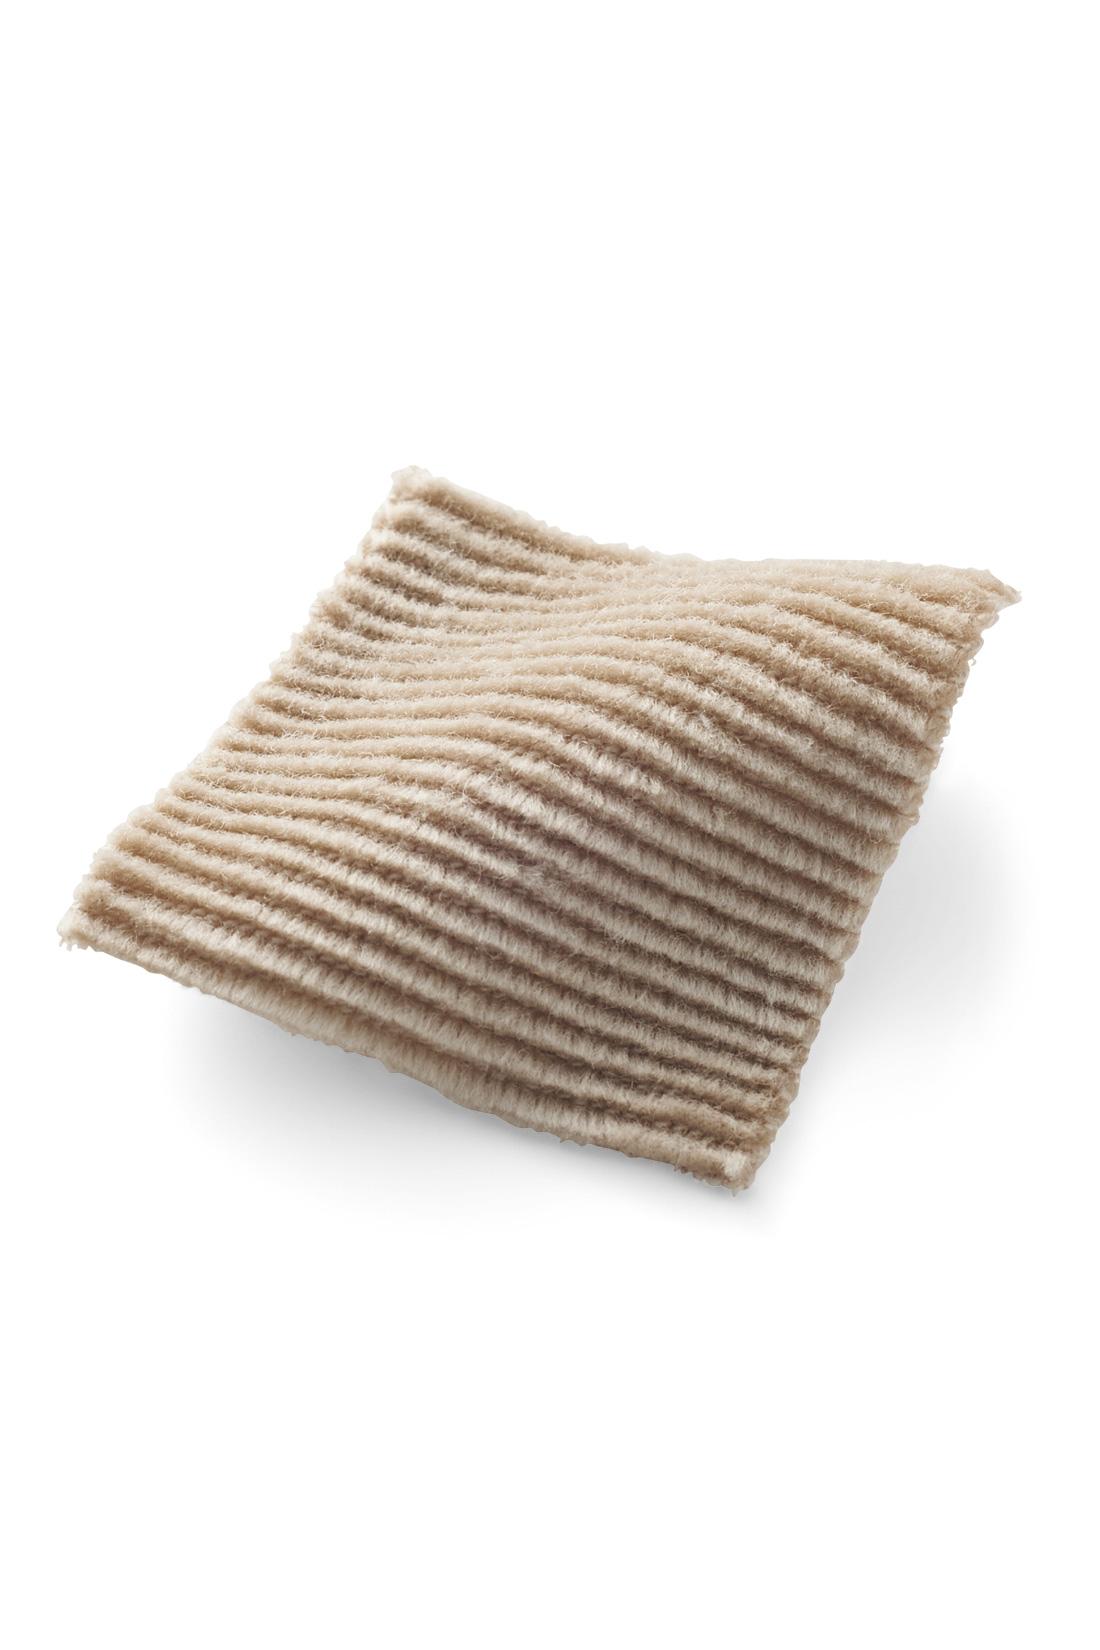 光沢感がきれいな細うねカットソーコーデュロイは、まだ暑さが残る時期にもぴったり。おうちで洗えるから淡いカラーも気兼ねなく着られます。